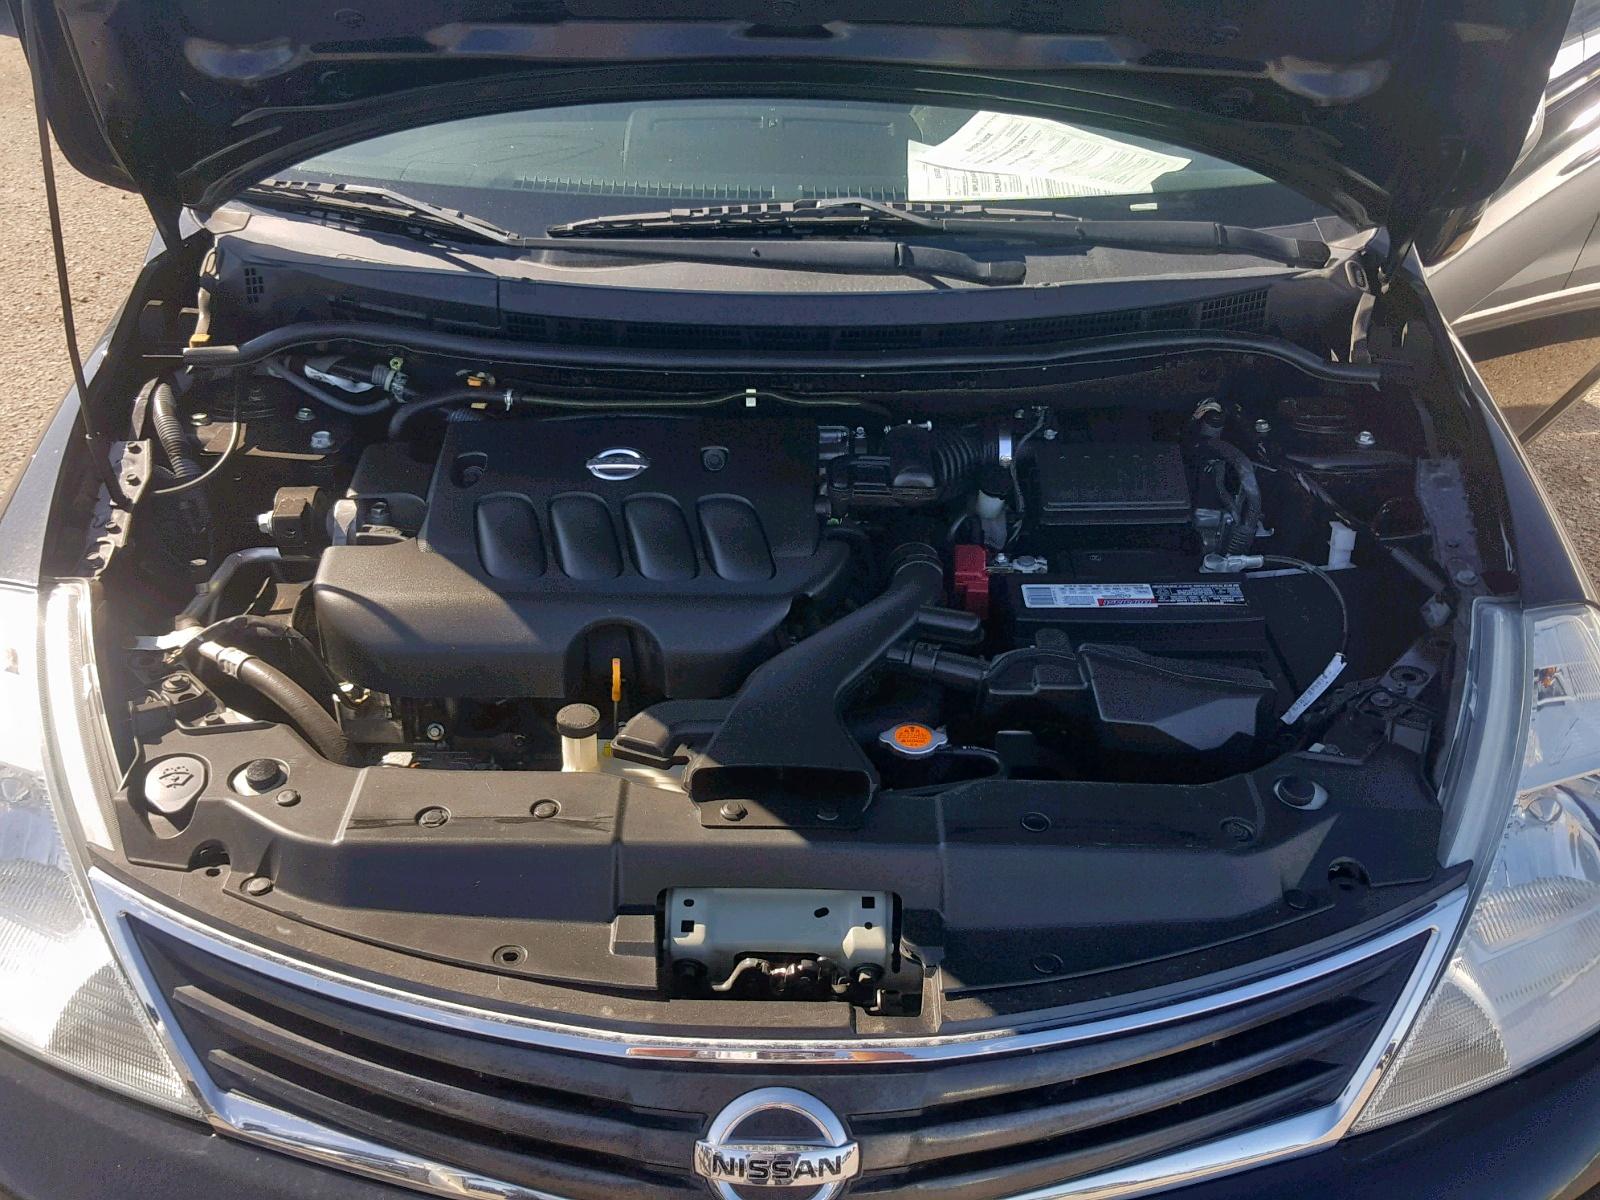 3N1BC1CP5BL493407 - 2011 Nissan Versa S 1.8L inside view